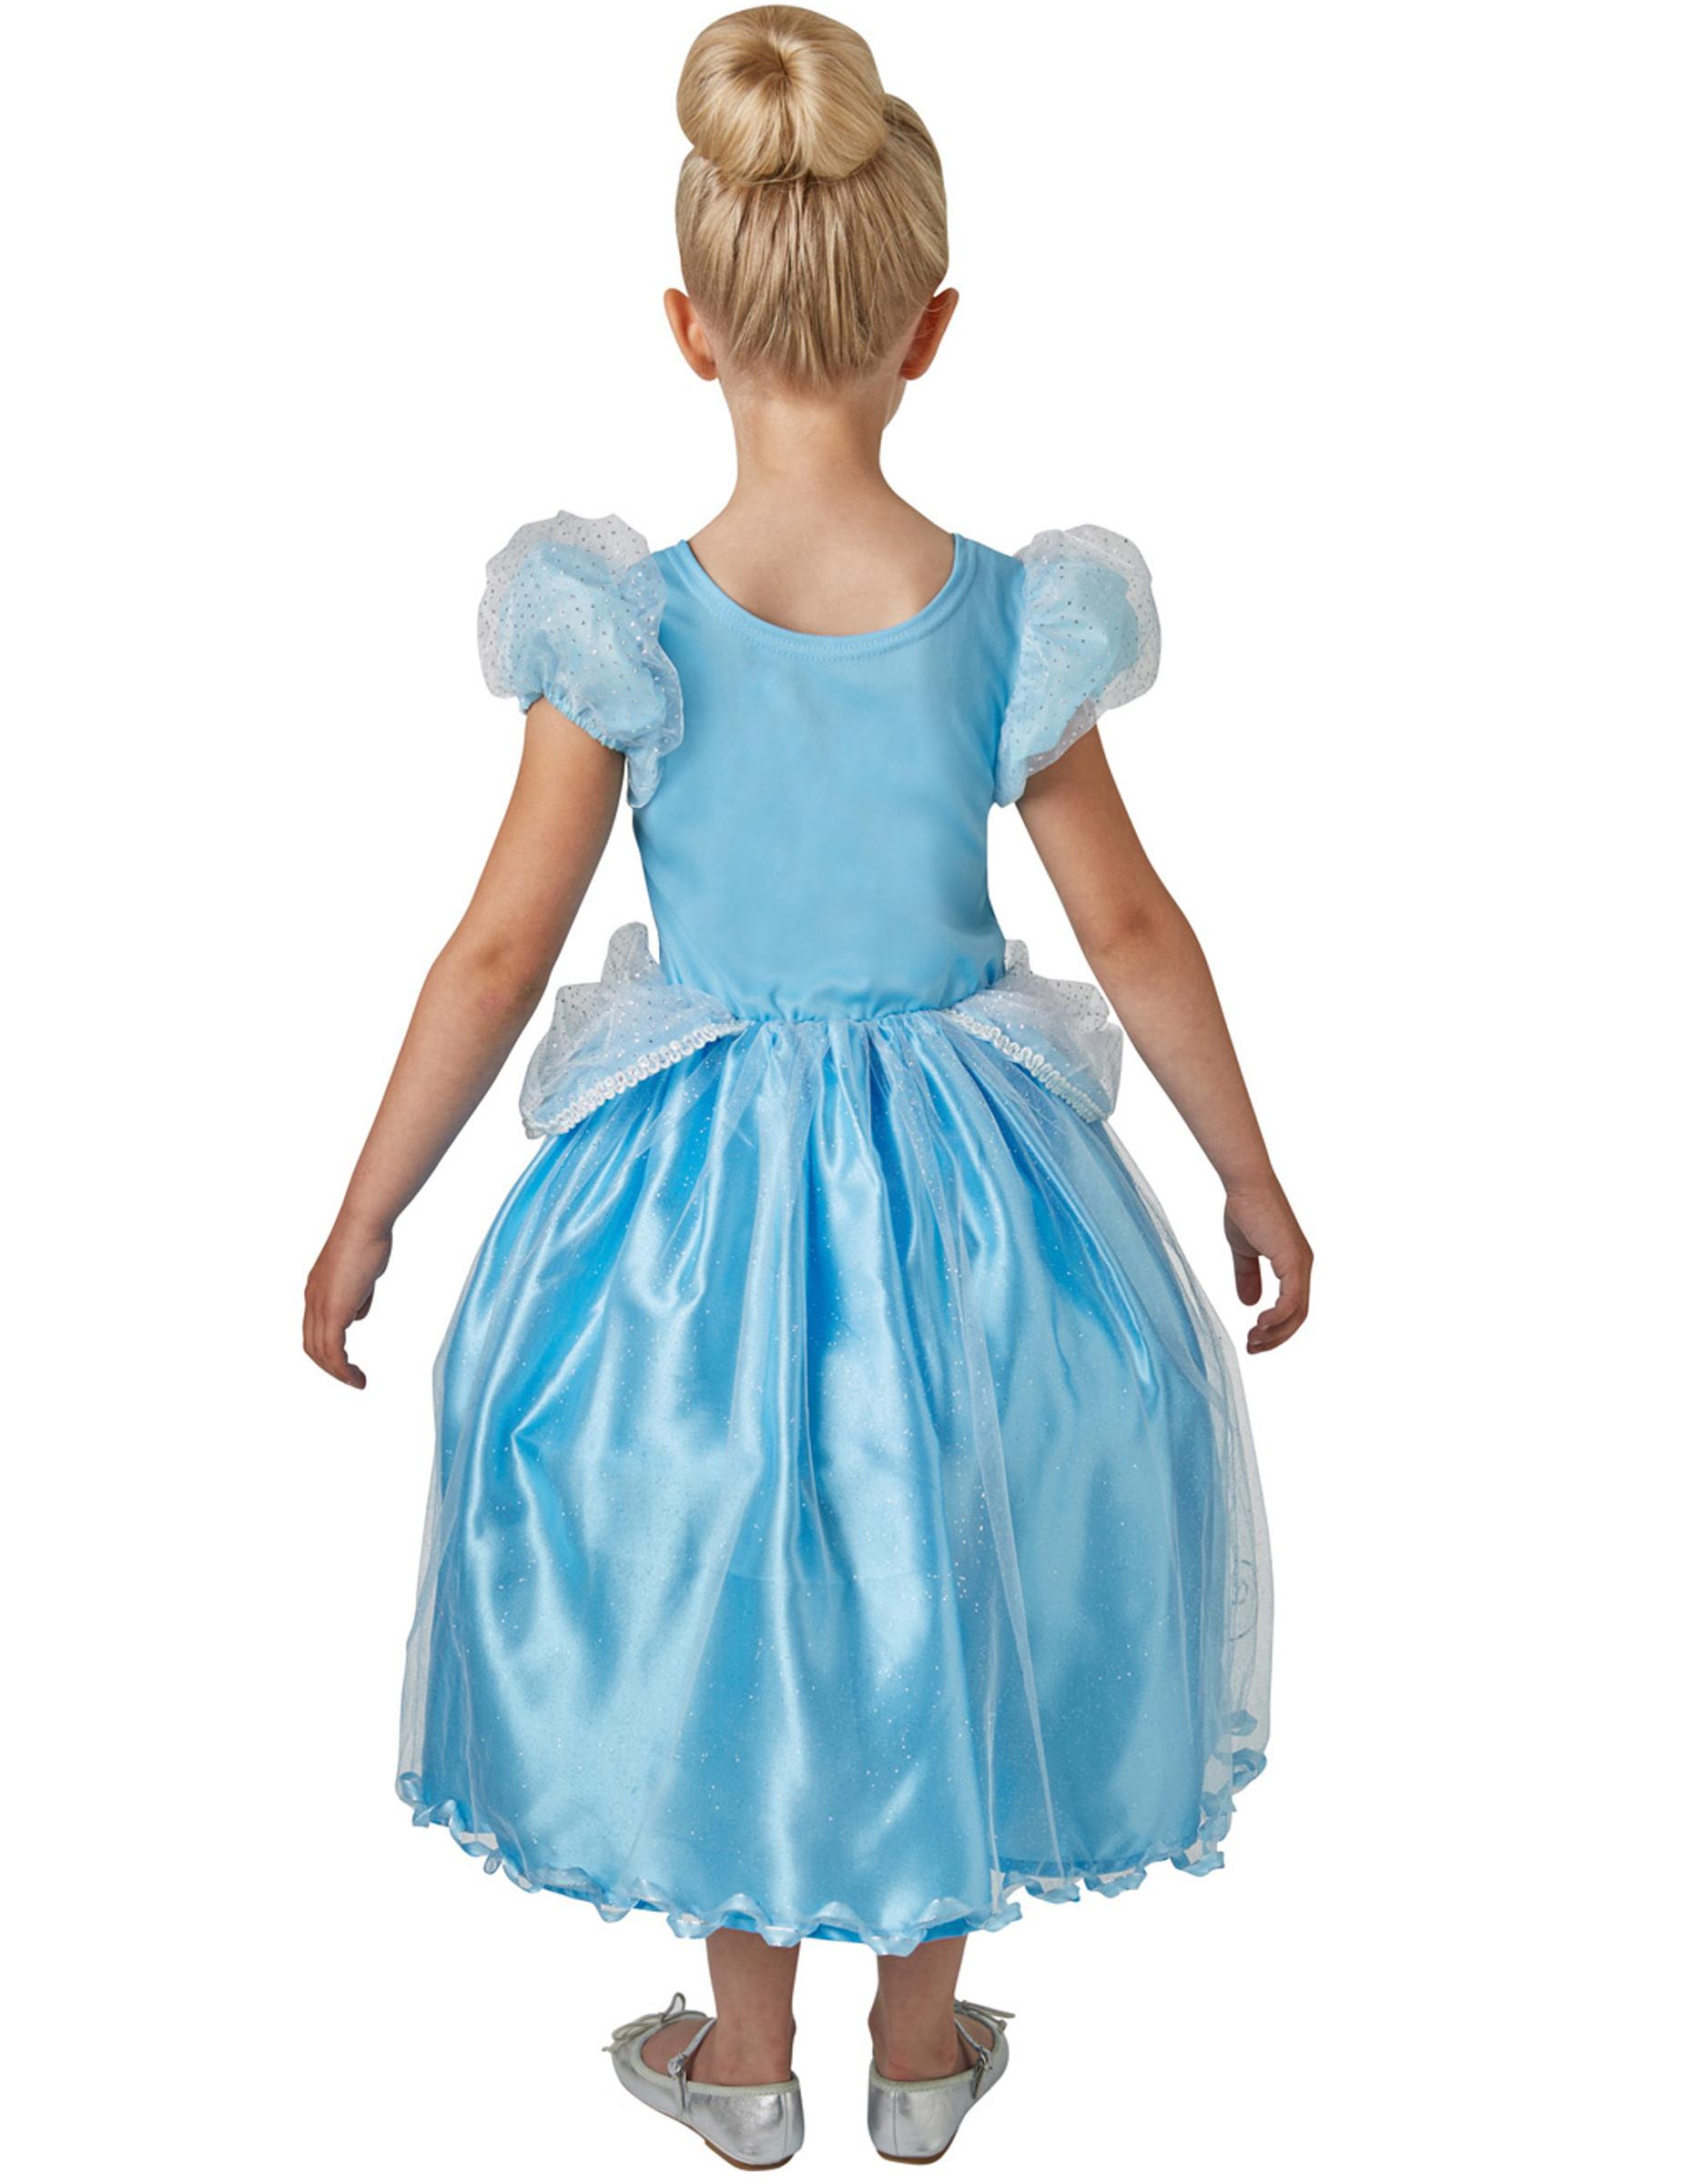 Askungens™ magiska balklänning för barn-1 ed0dd914b2ea8